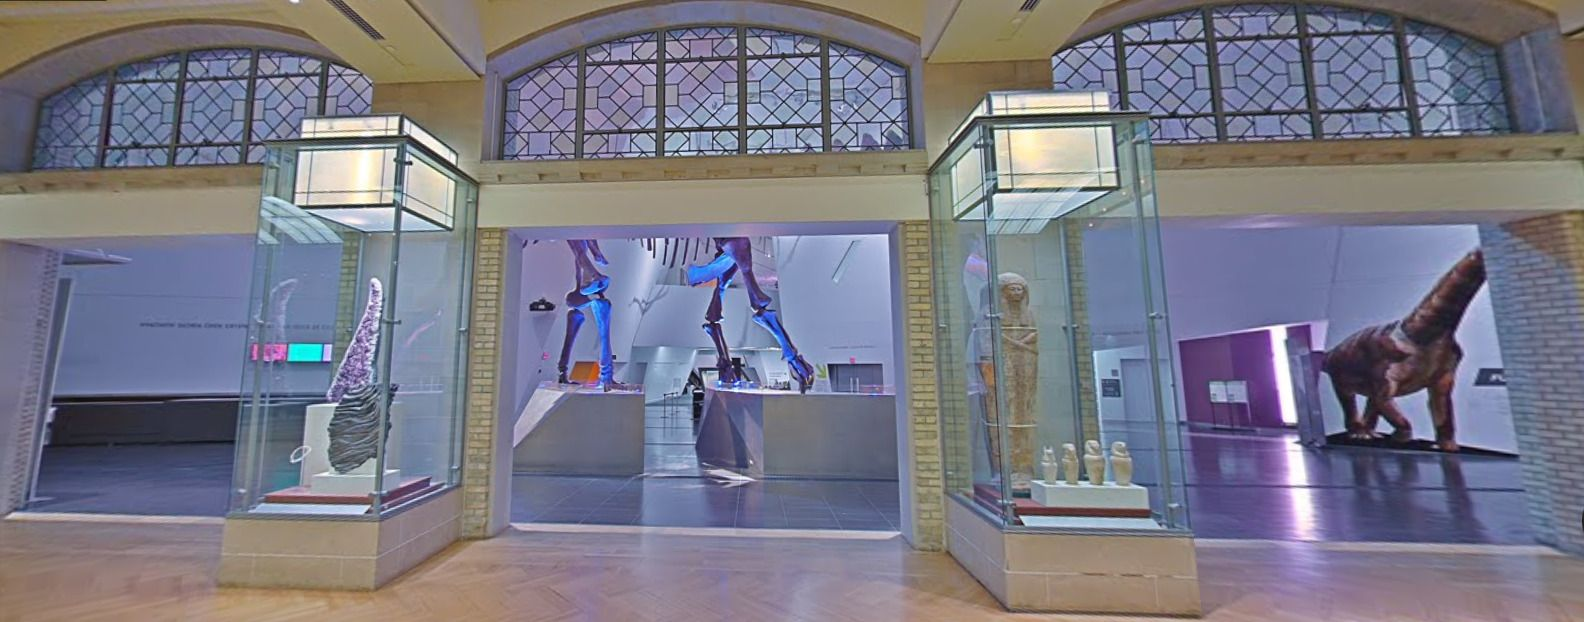 موزه سلطنتی اونتاریو The Royal Ontario Museum